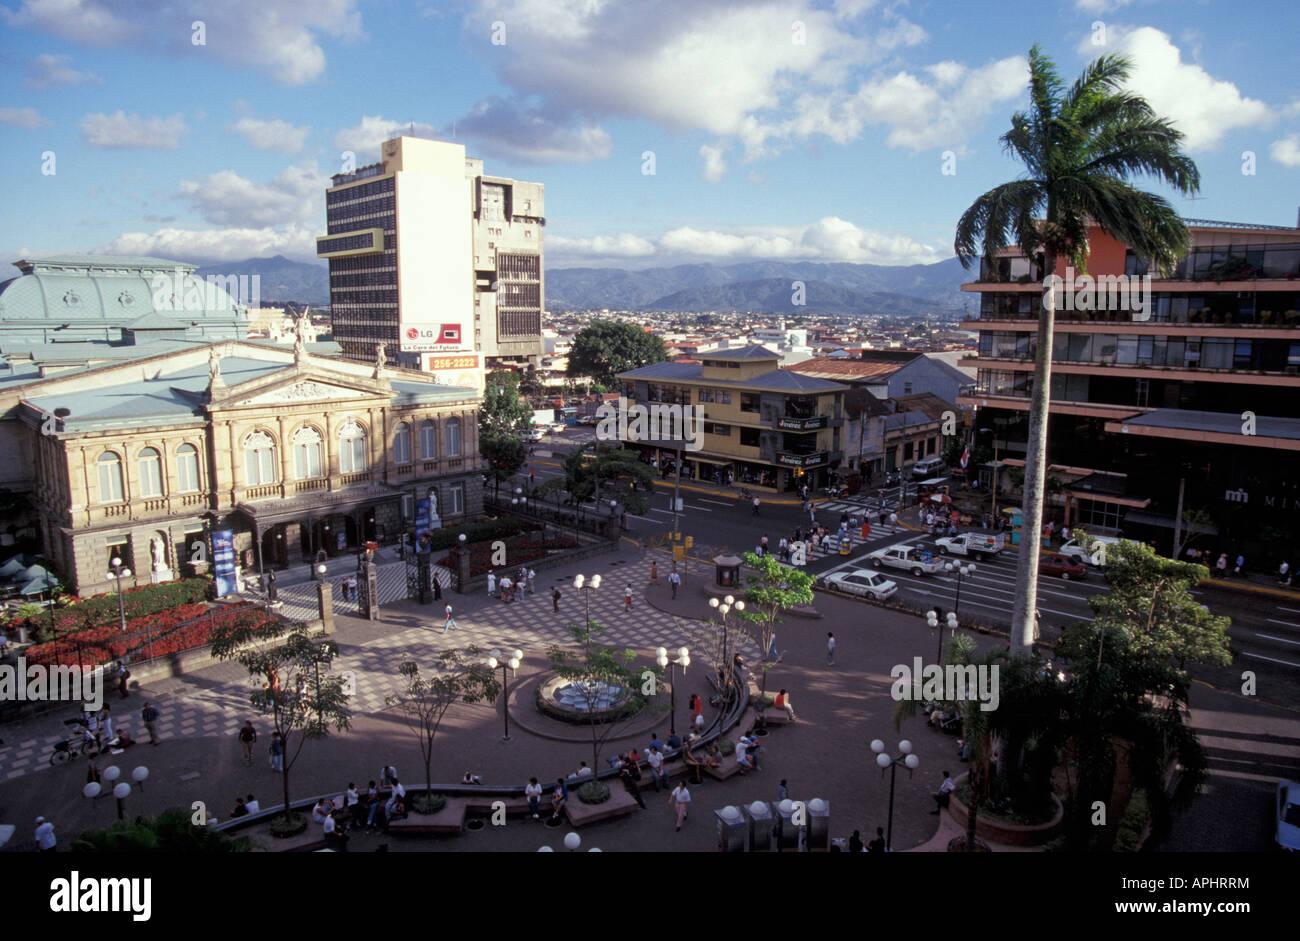 The Plaza de la Cultura in downtown San José, Costa Rica Stock Photo